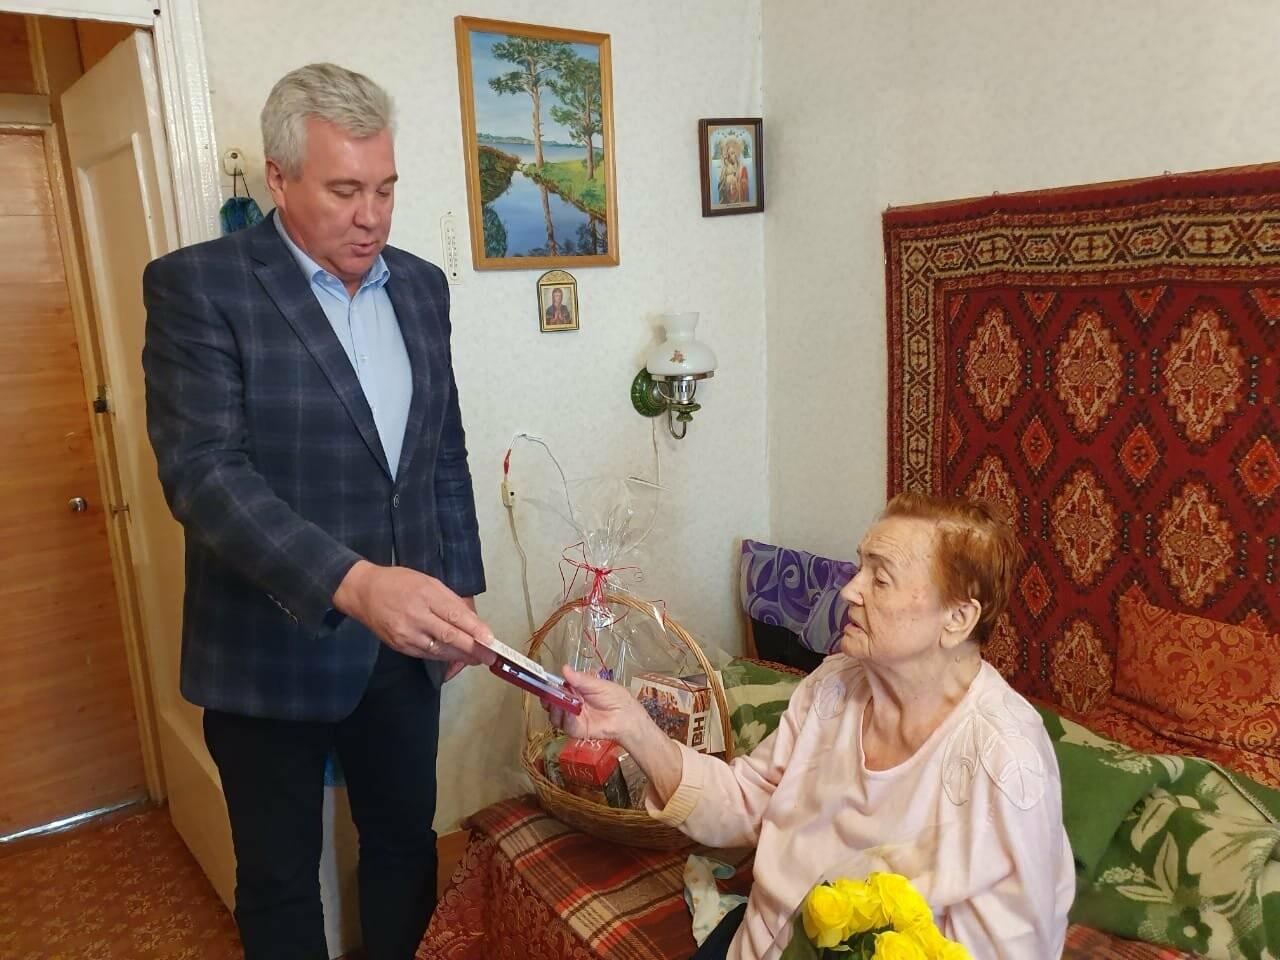 Ветеранам Ялты вручили юбилейные медали в честь 75-летия Победы в ВОВ, фото-1